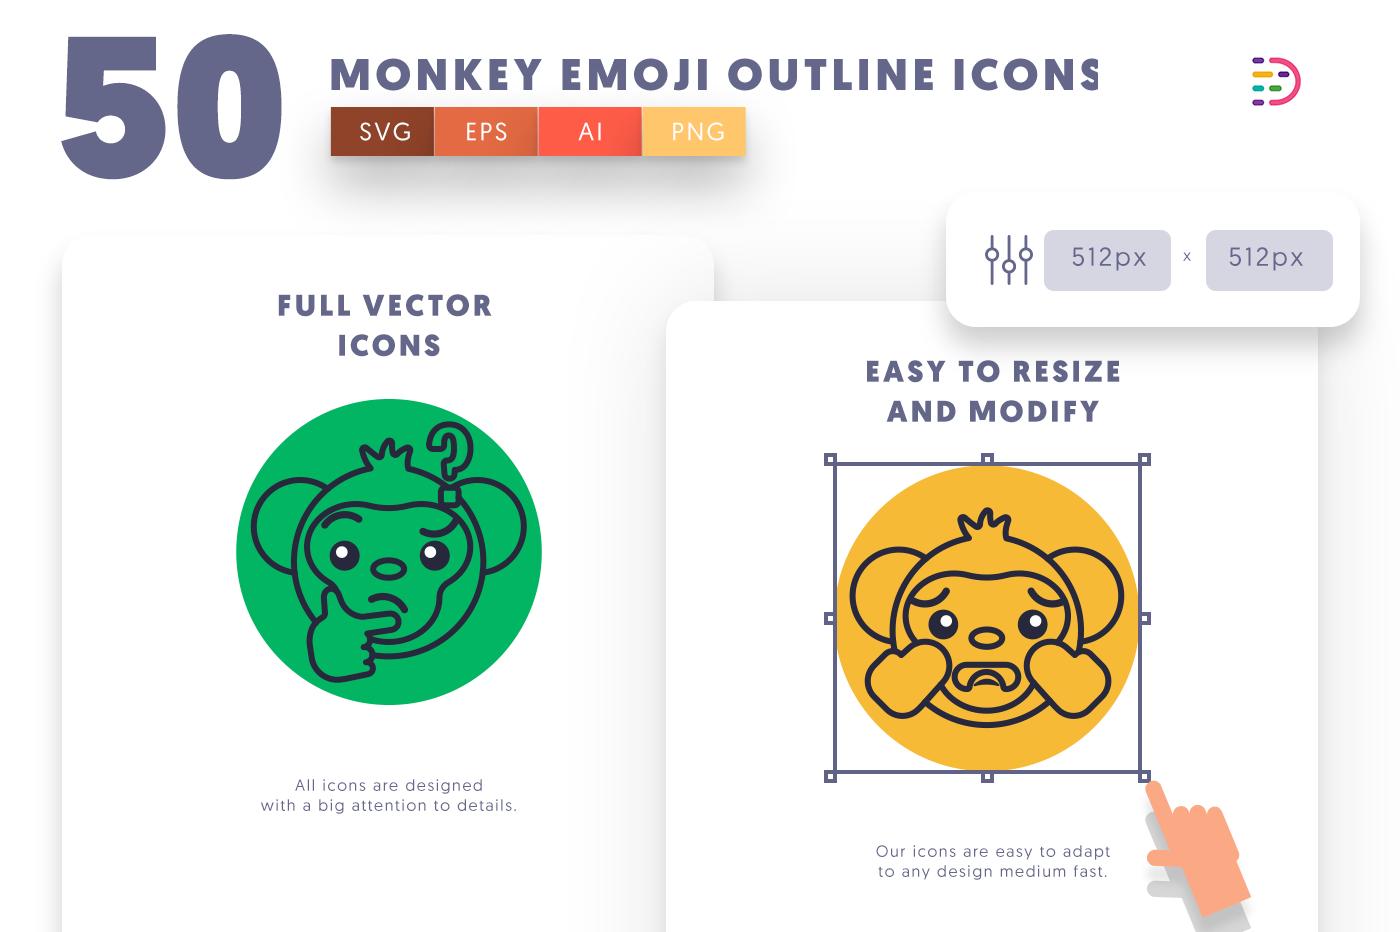 Full vector 50MonkeyEmojiOutline Icons